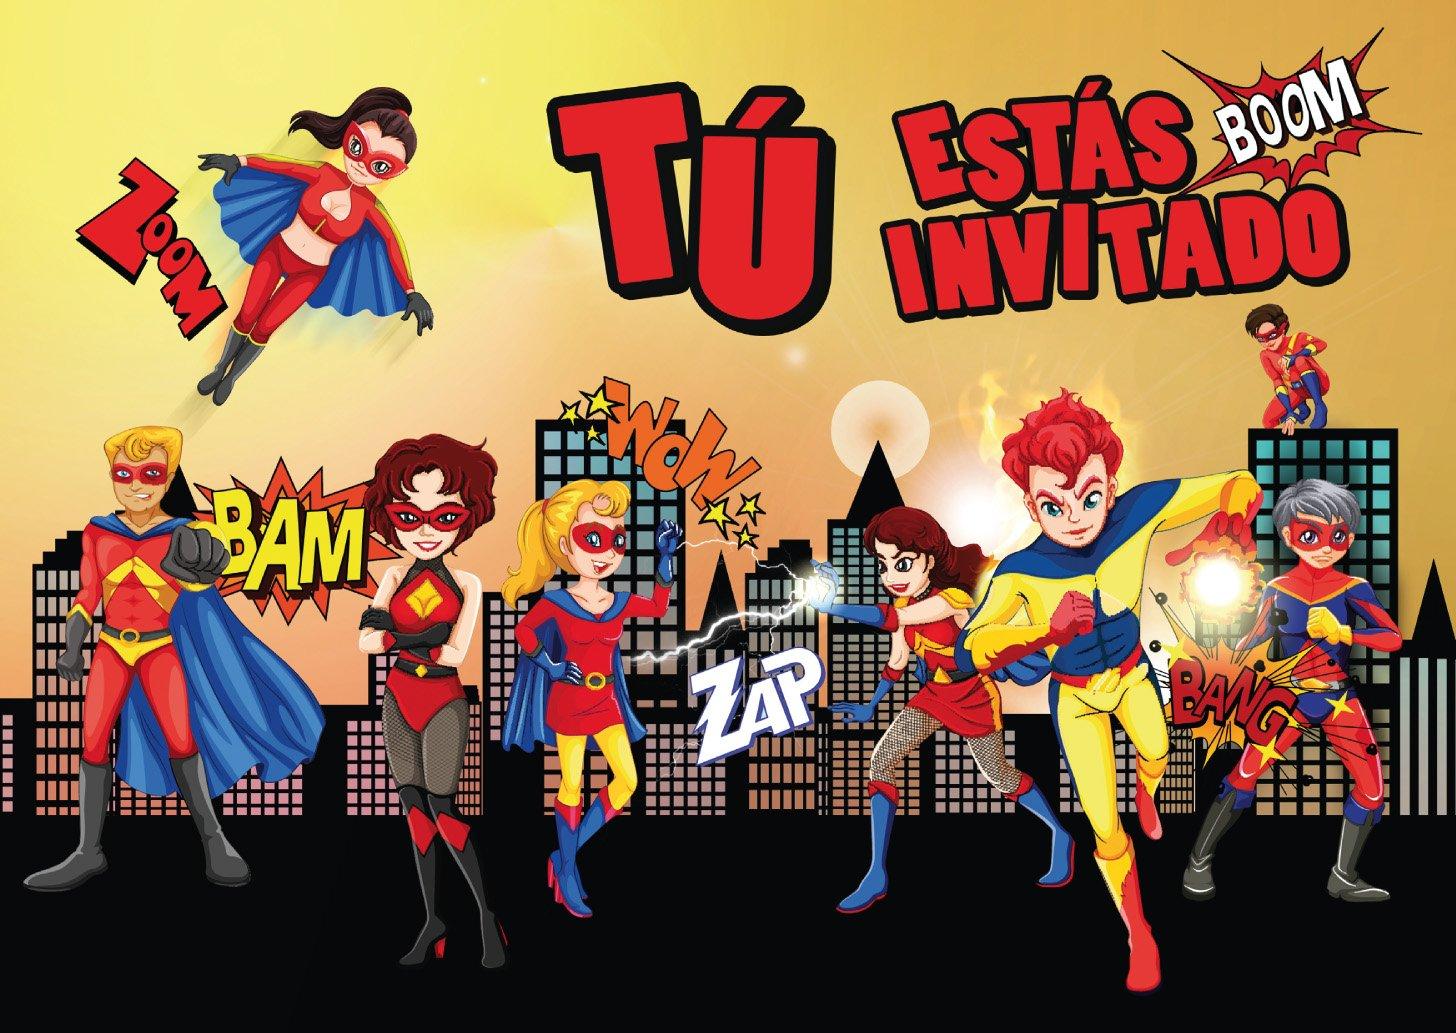 """Edition Colibri 10 Invitaciones en español """"Superheroes"""": Juego DE 10 Invitaciones para el Cumpleaños Infantil del Súper-Héroe para Súper-Chicos o Súper-Chicas (10963 ES)"""